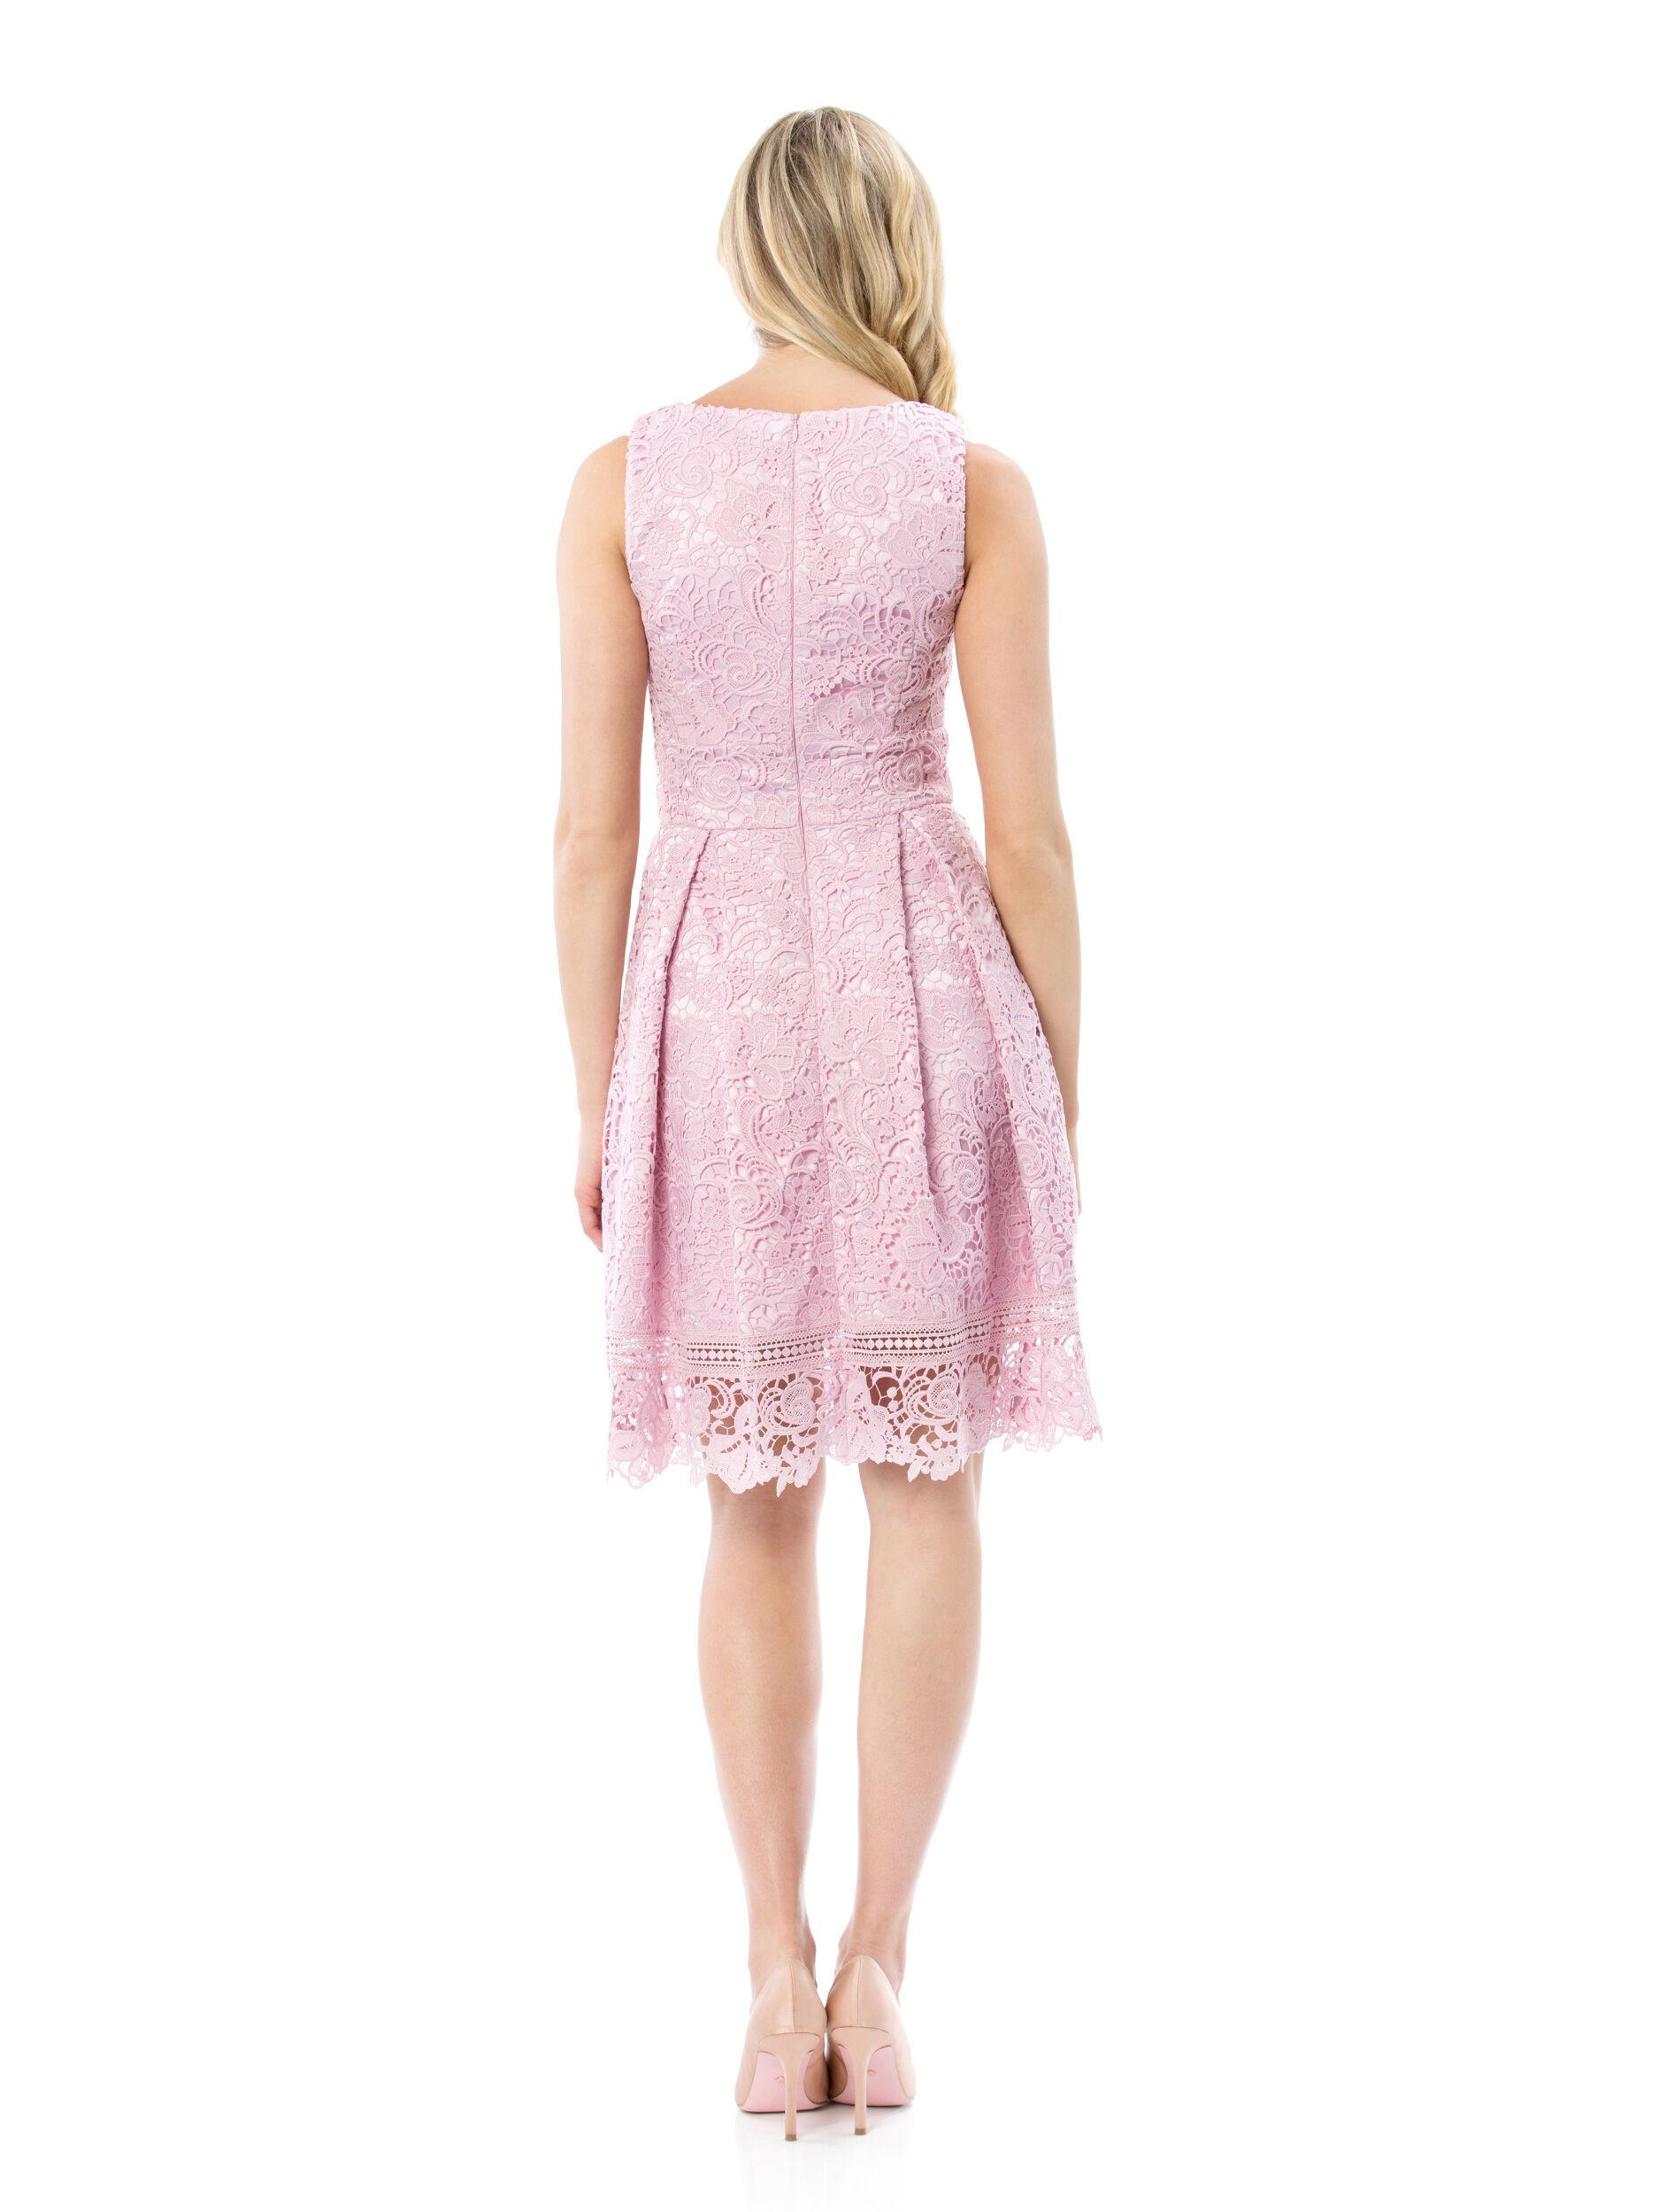 In My Heart Dress